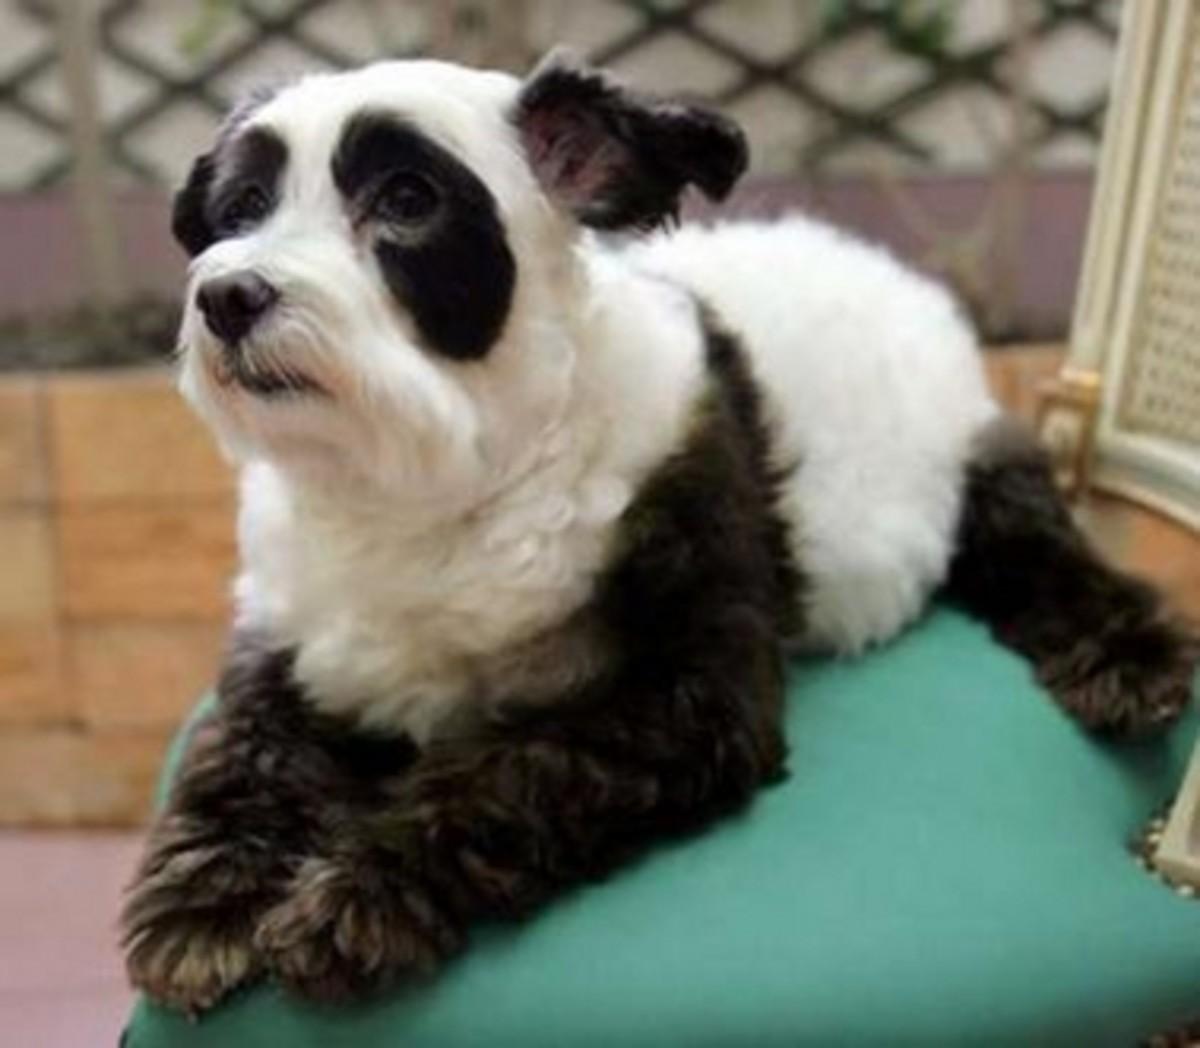 Meet Columbo, a maltese-poodle mix